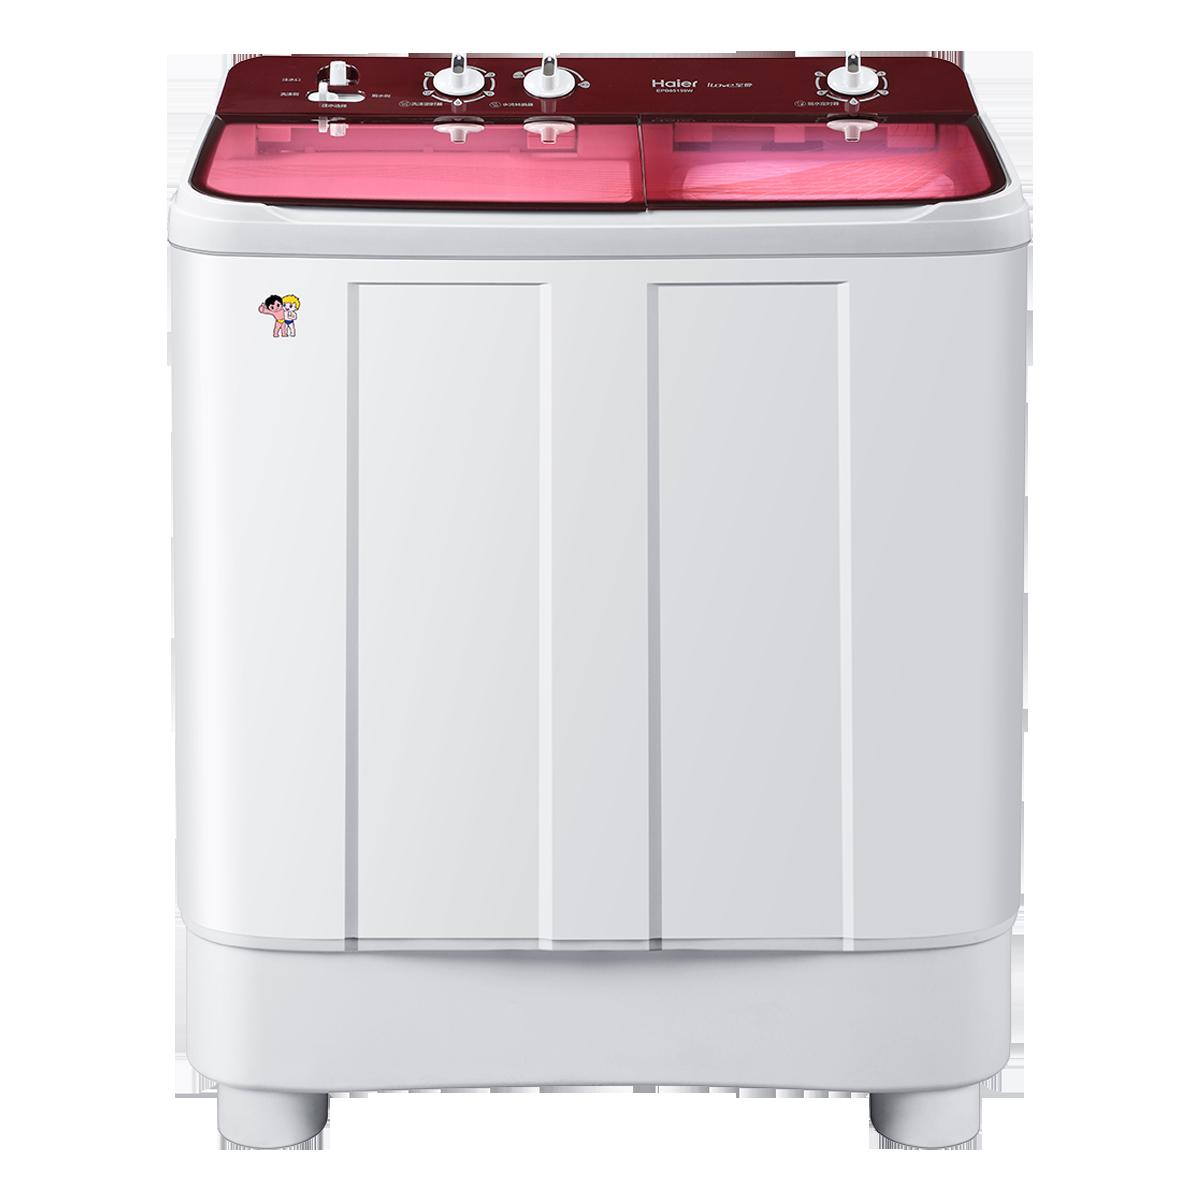 海尔Haier洗衣机 EPB85159W 说明书